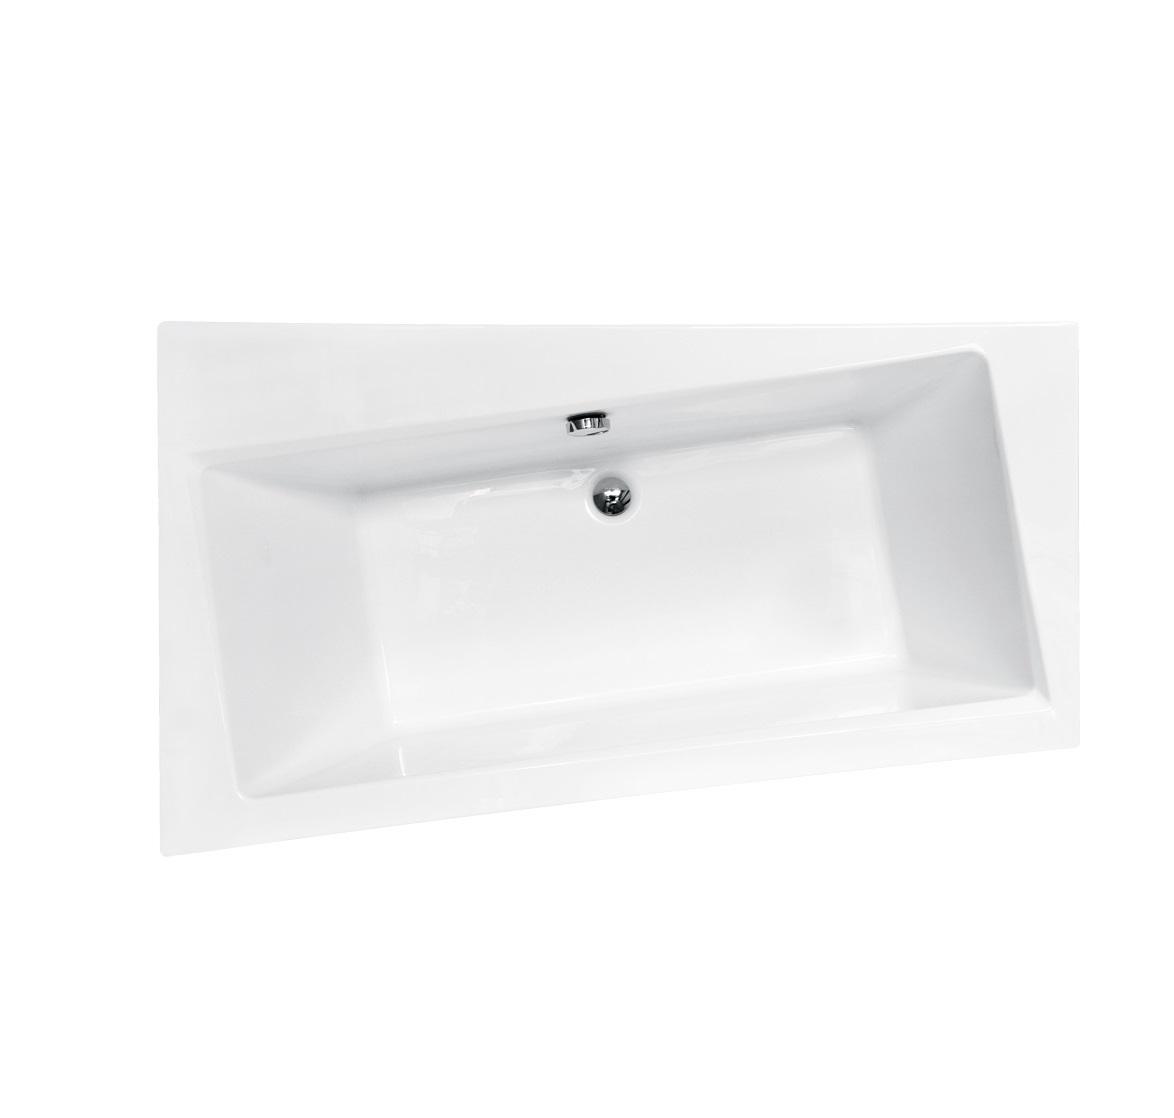 Акриловая ванна Infinity  Besco (150, 160, 170) вид сверху.